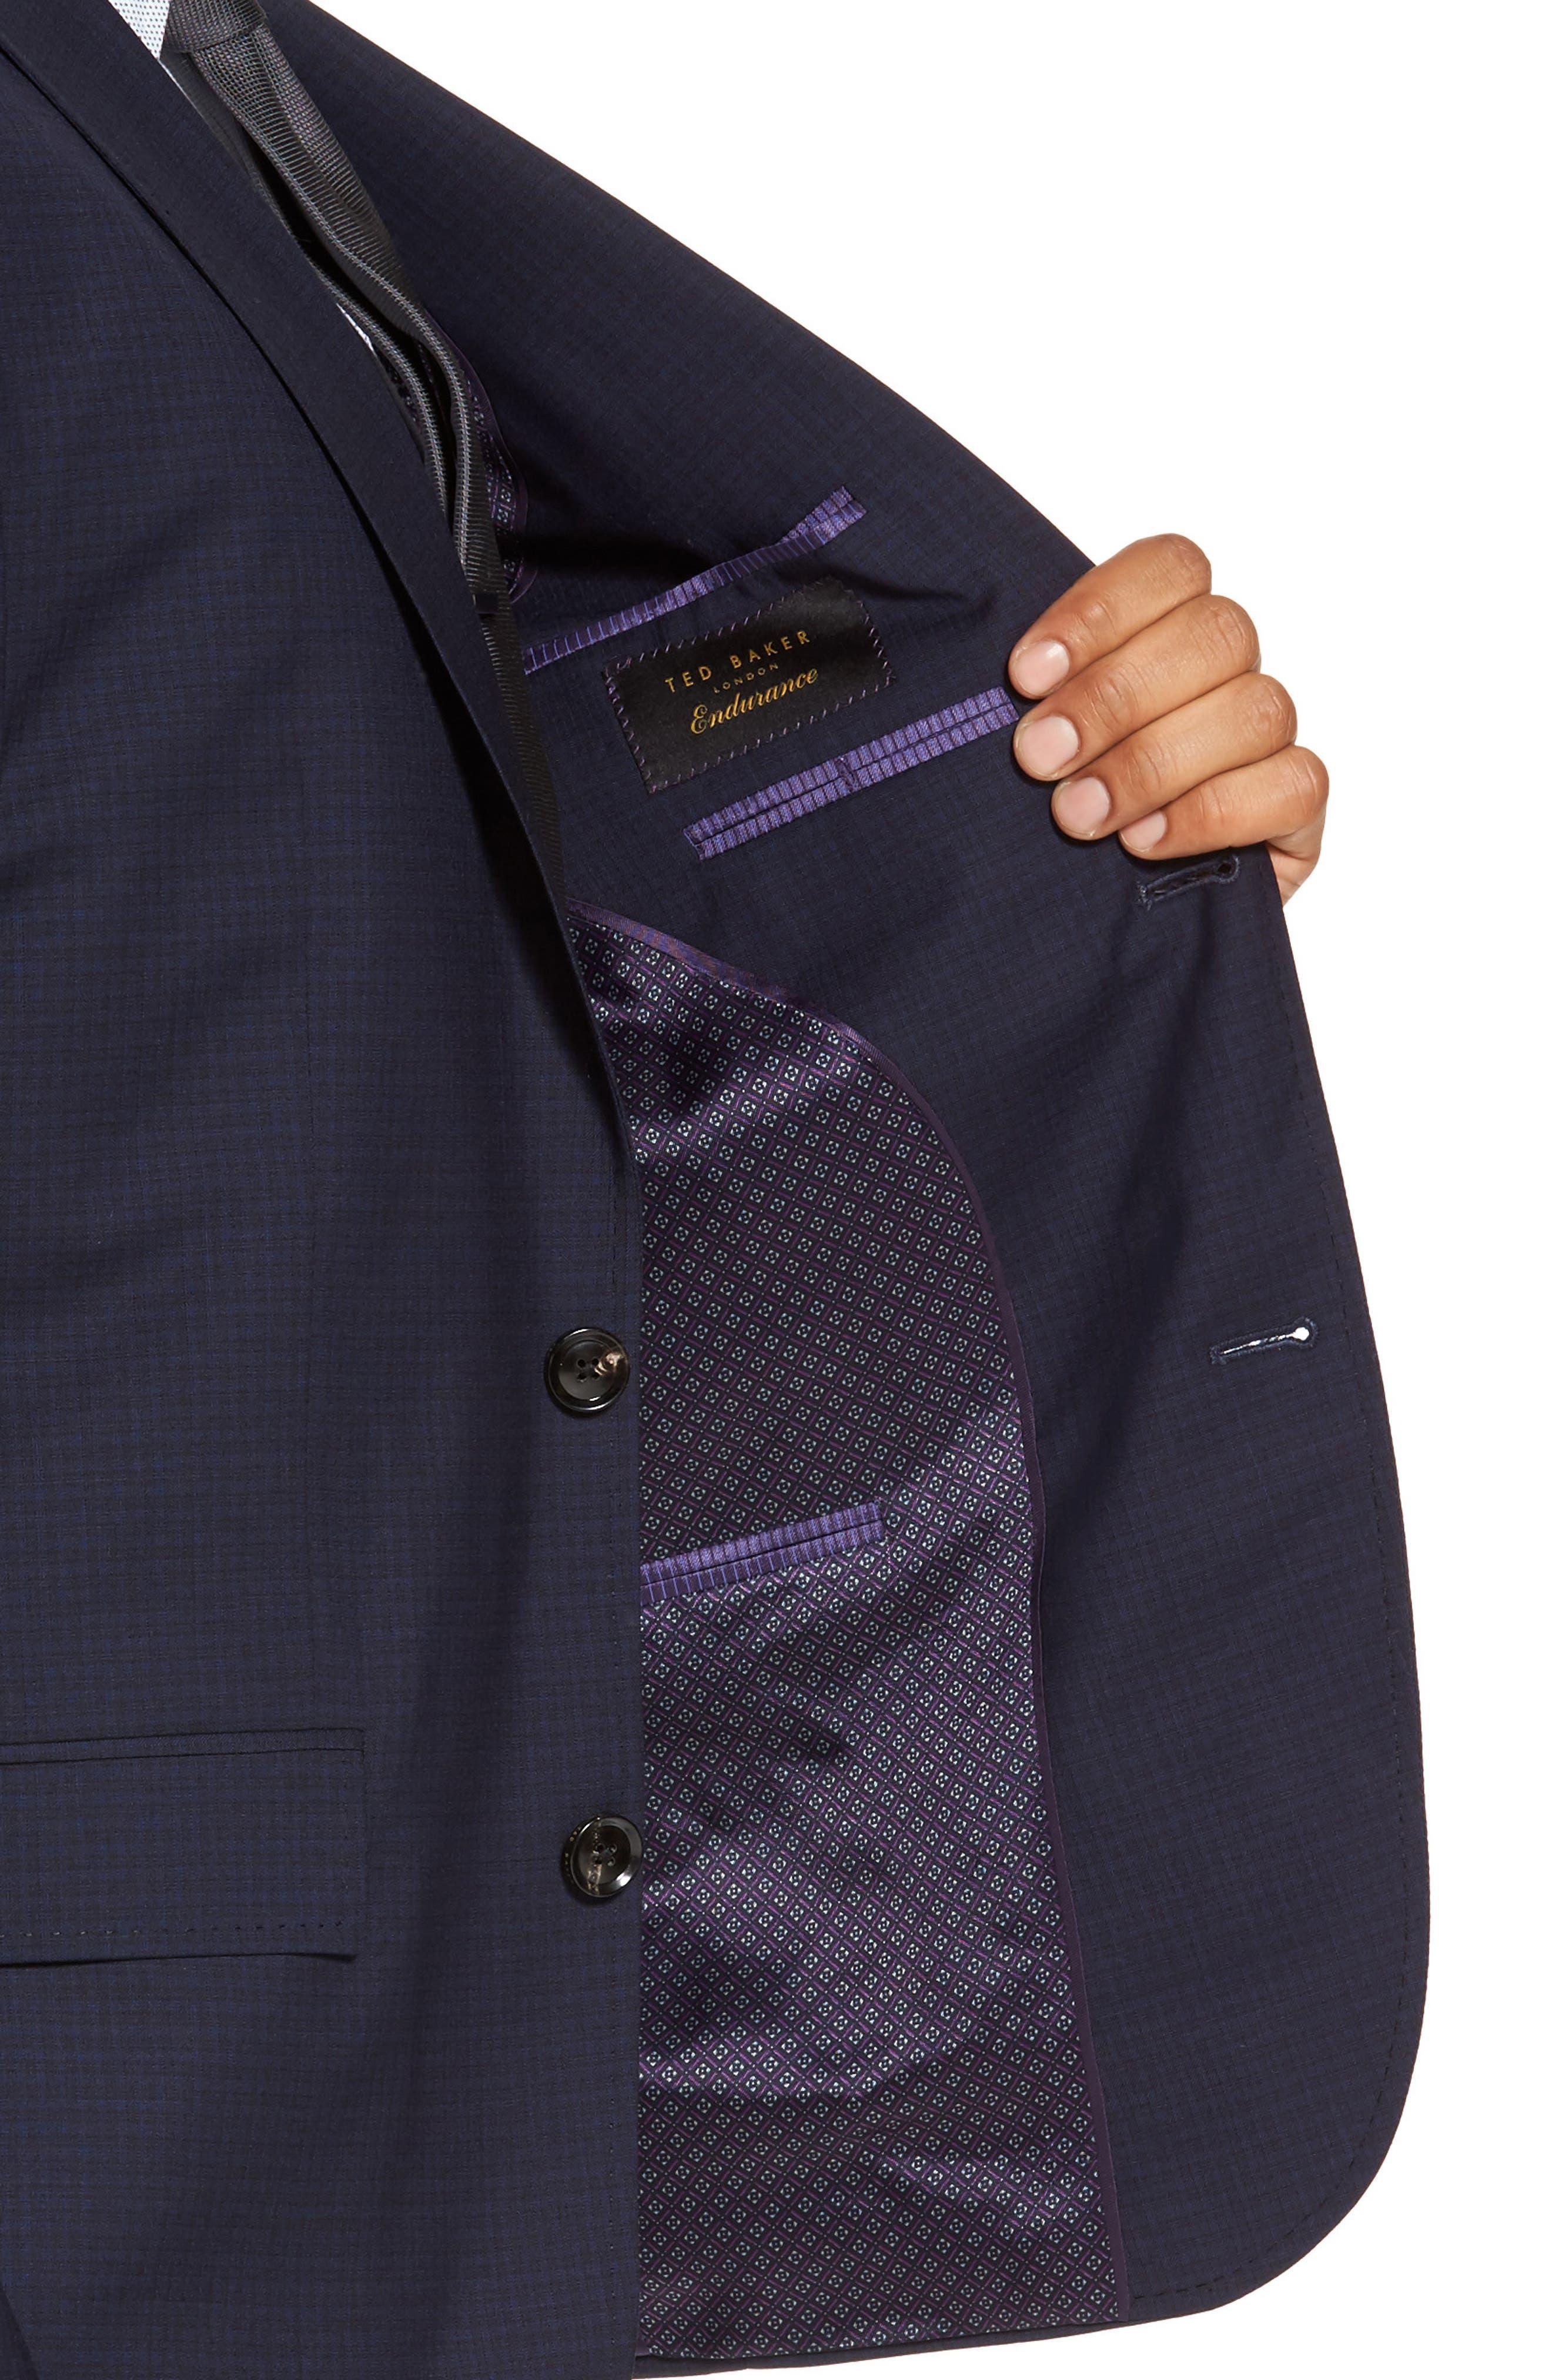 Roger Trim Fit Check Wool Suit,                             Alternate thumbnail 4, color,                             410